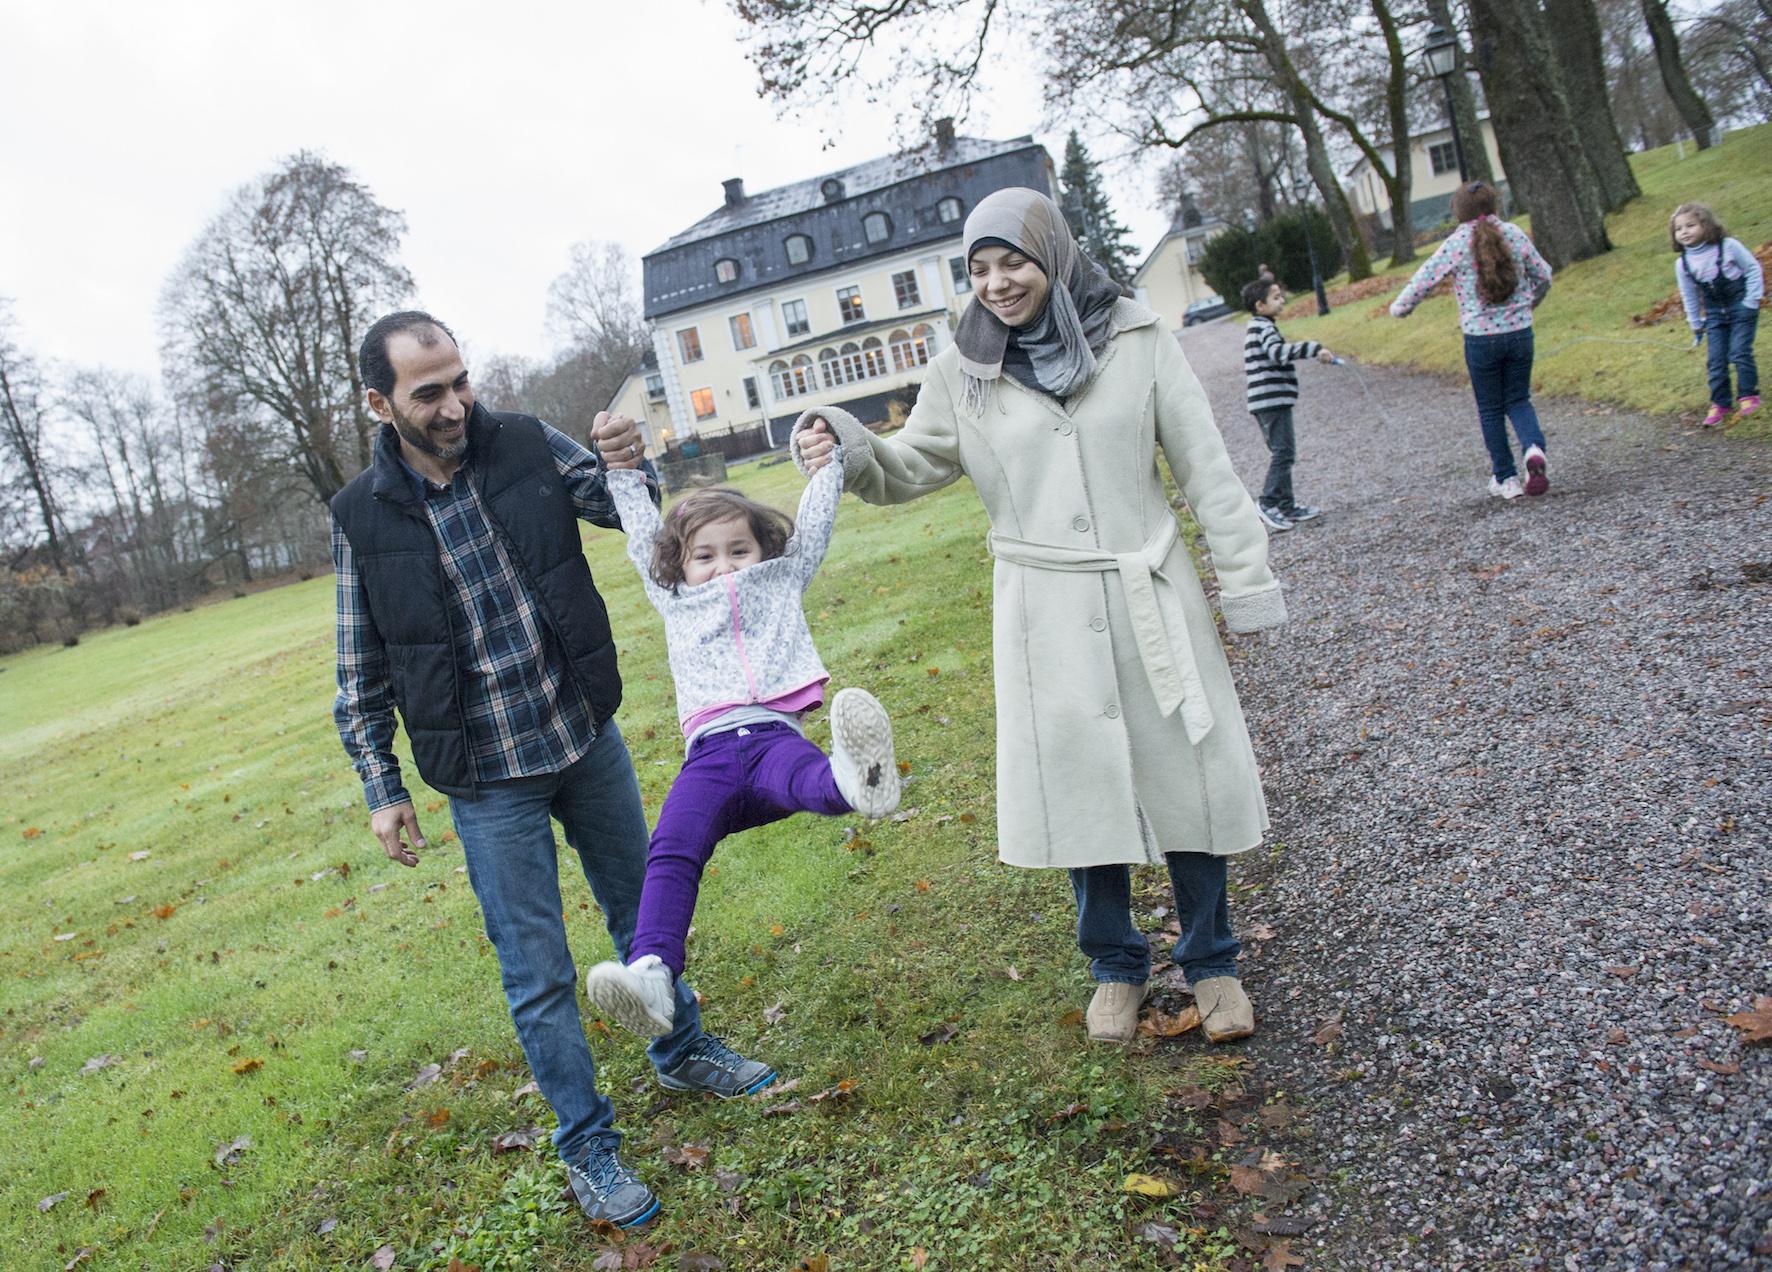 Familjen Alsabae har nu levt i fredens Sverige i femton månader. Pappa Waels syster har precis lyckats ta sig till Grekland från Turkiet ombord på en gummibåt.Foto: Fredrik Sandberg